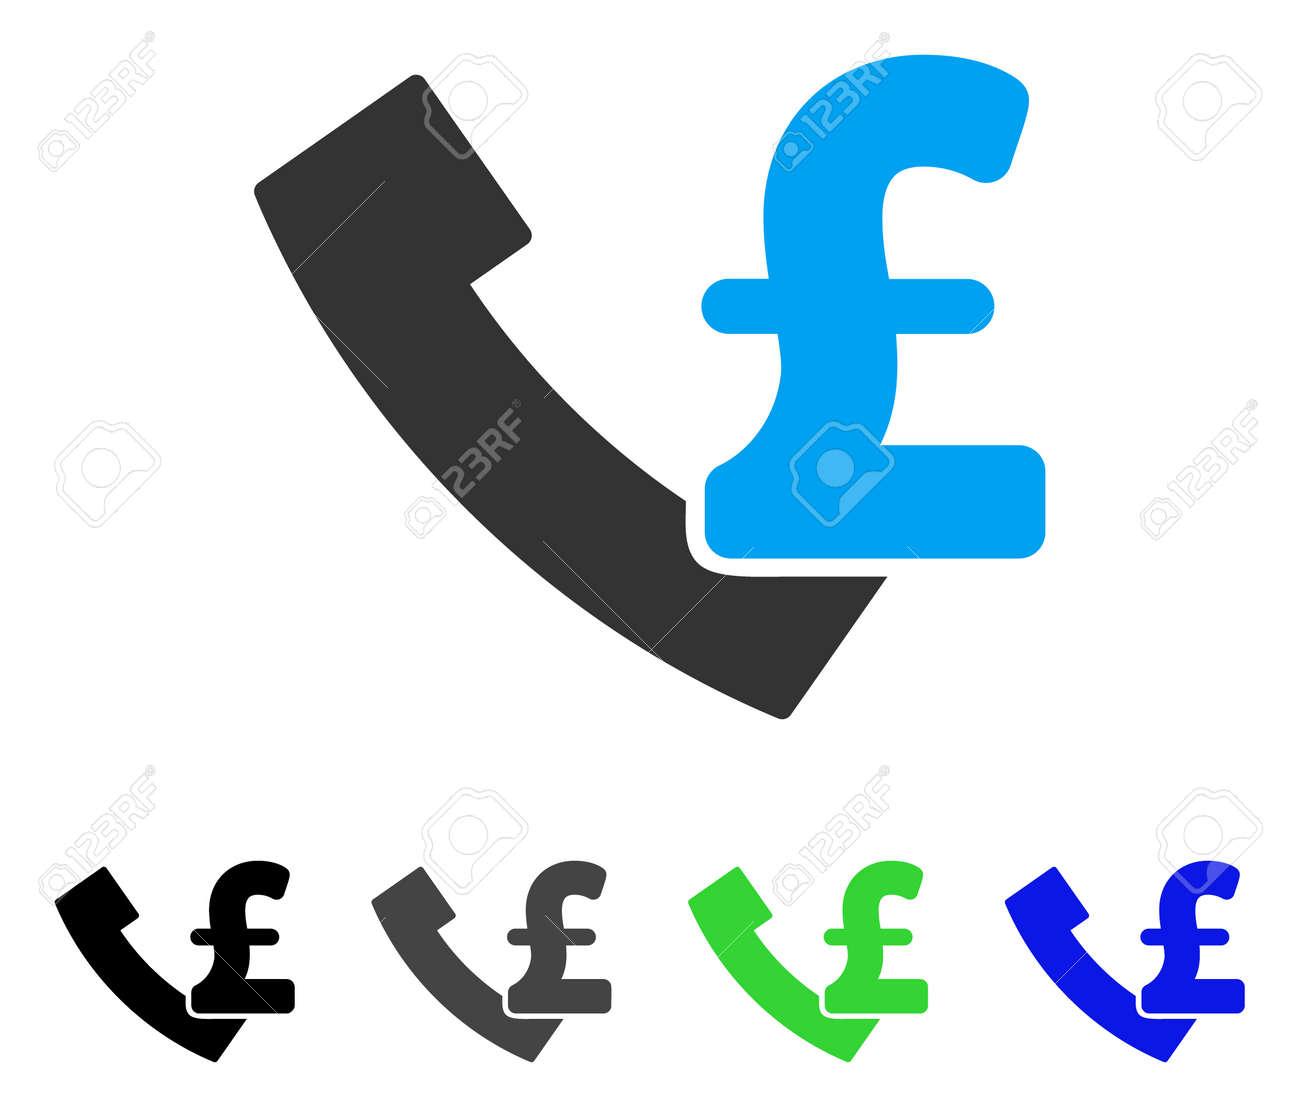 Icone De Vecteur Plat Livre Poundphone Versions De Pictogramme Gris Noir Bleu Vert De Telephone Paye De Livre Sterling Style D Icone Plate Pour